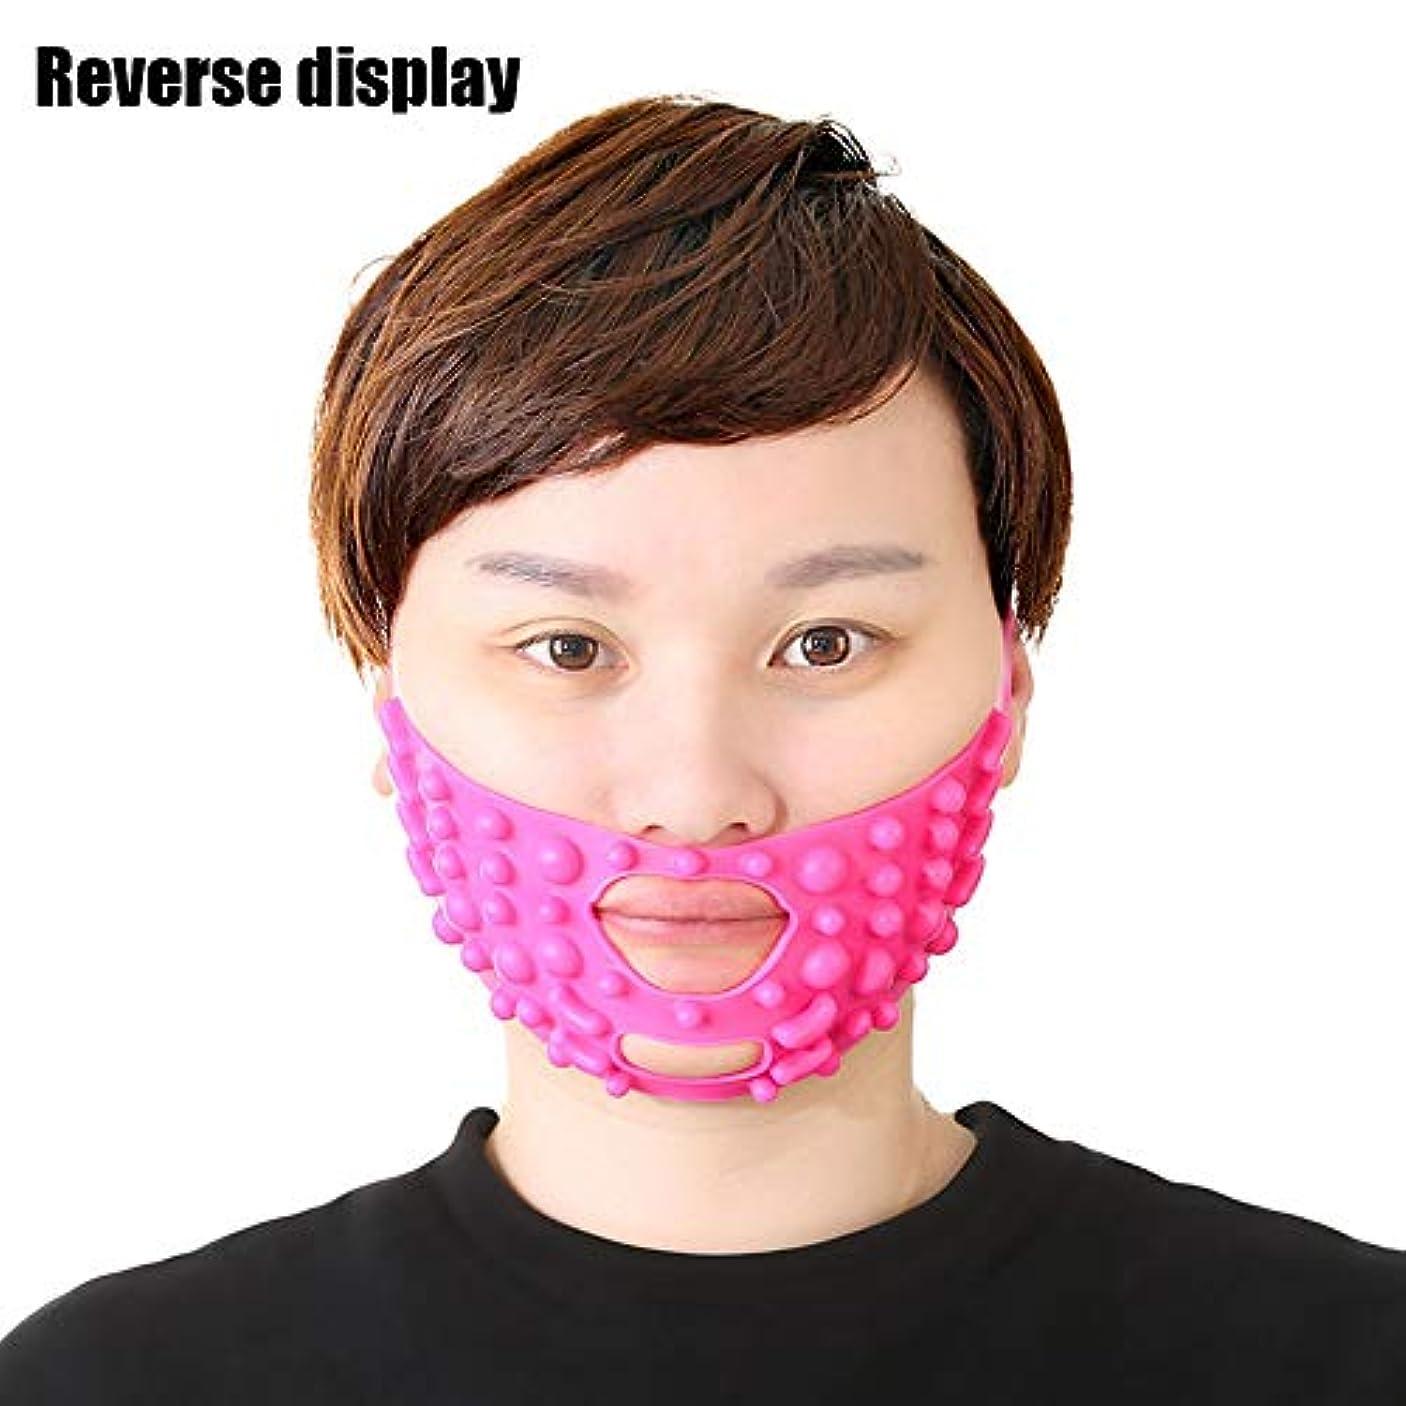 カバーフラスコエコーフェイシャルマッサージ包帯、持ち上げ、引き締め、法則パターンを改善して小さなVフェイス/二重あごマスクを作成(ローズレッド)